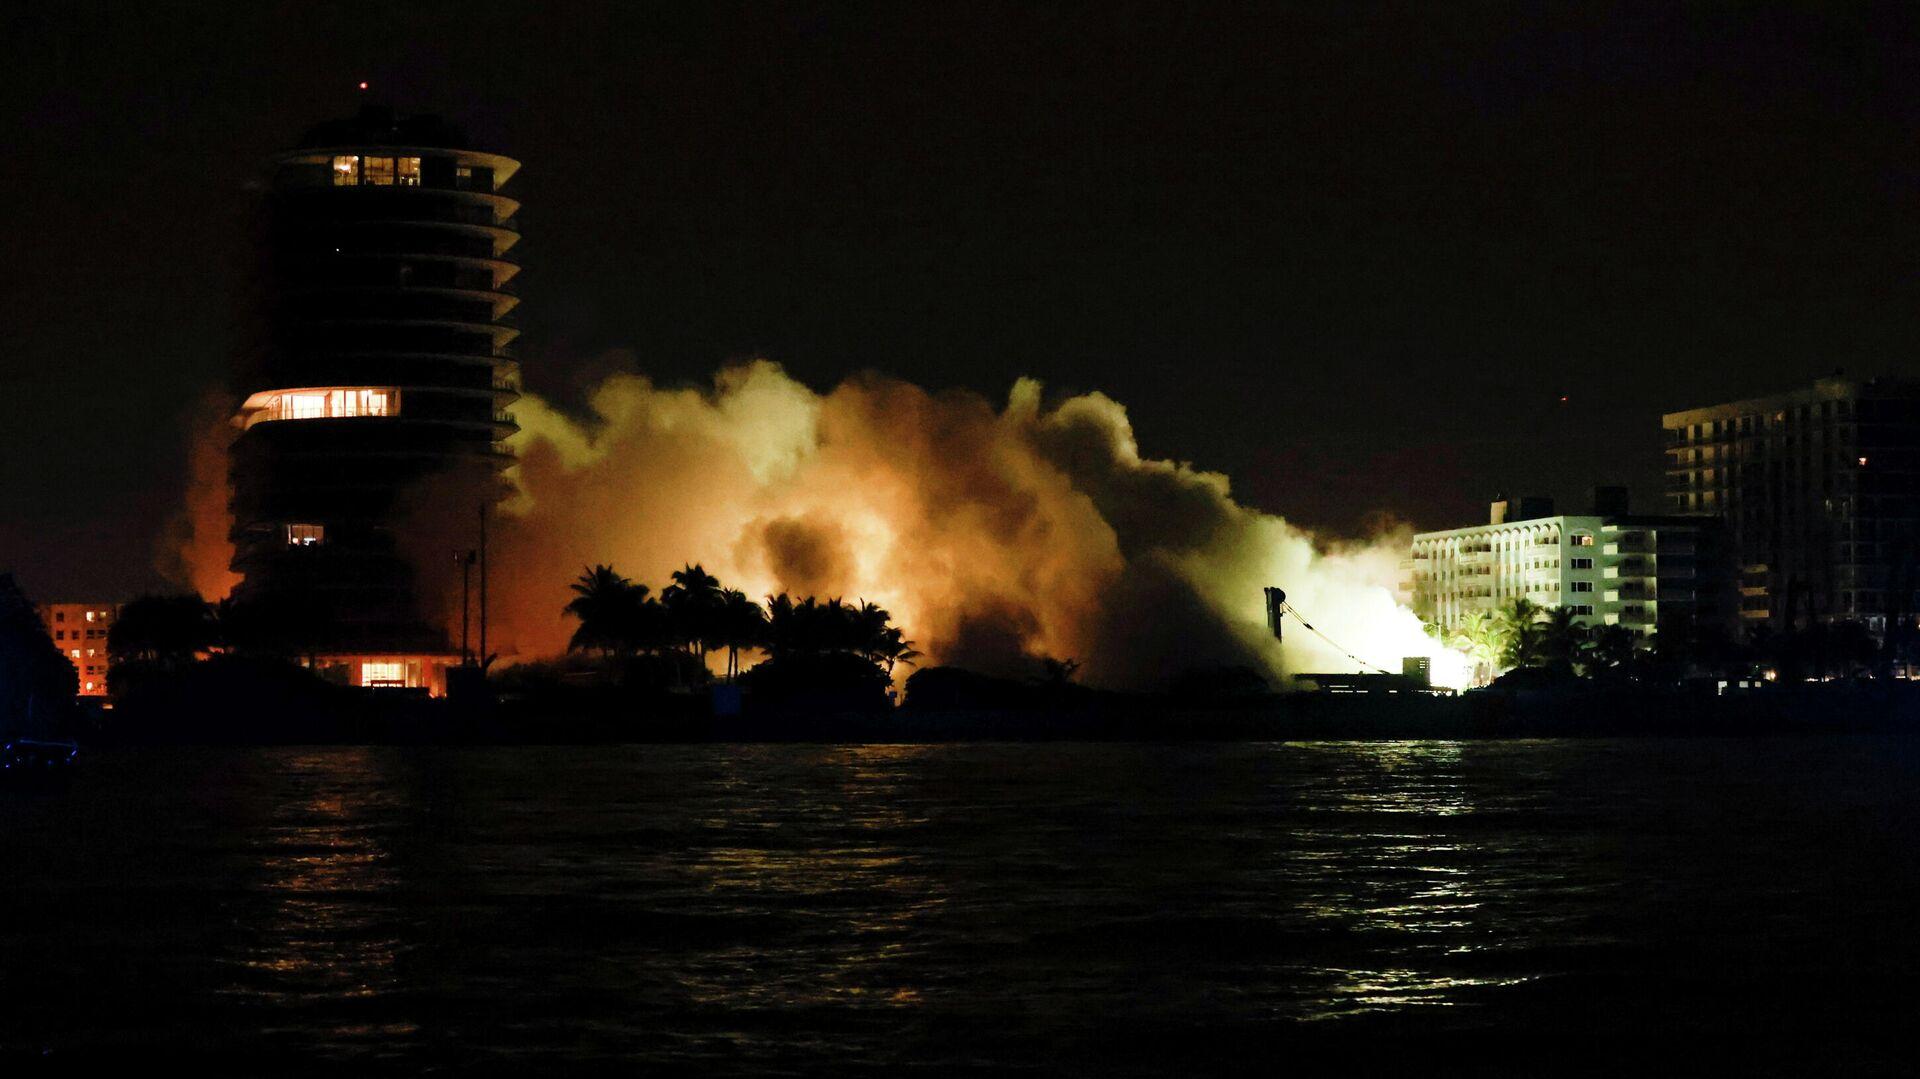 Demolición del edificio colapsado en Miami, EEUU - Sputnik Mundo, 1920, 05.07.2021